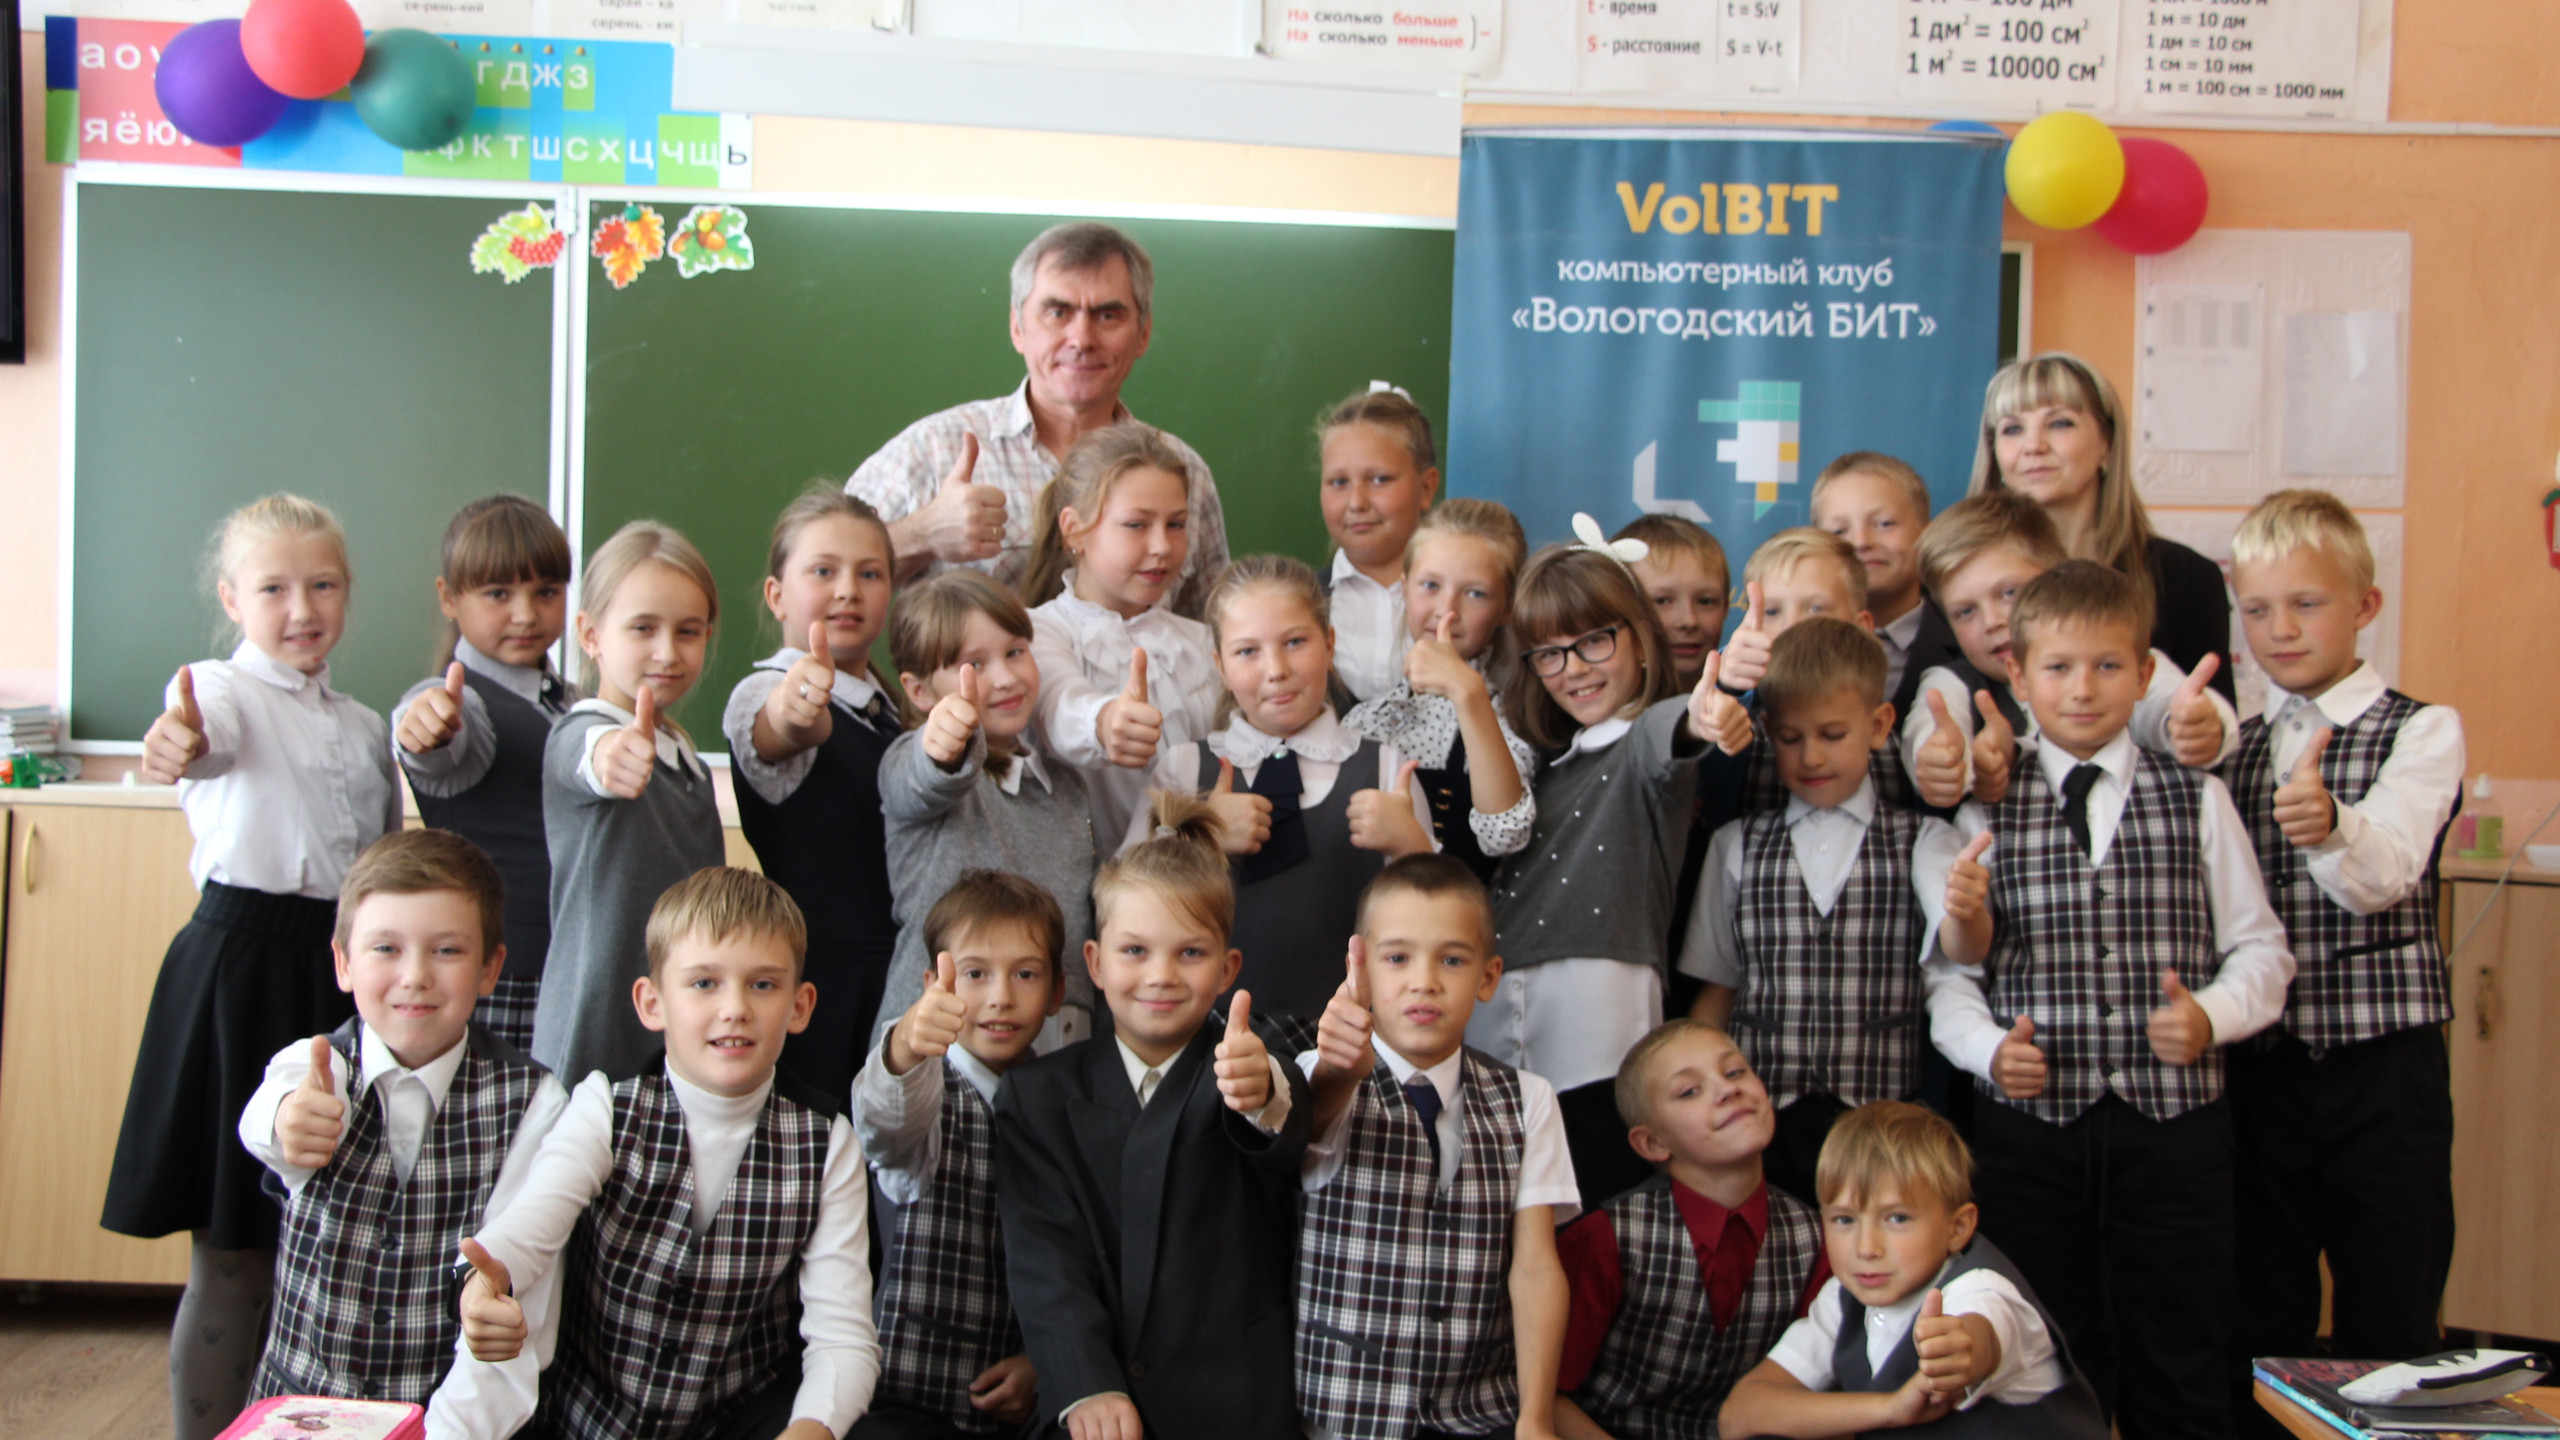 VolBIT 9 школа, 4а Сокол